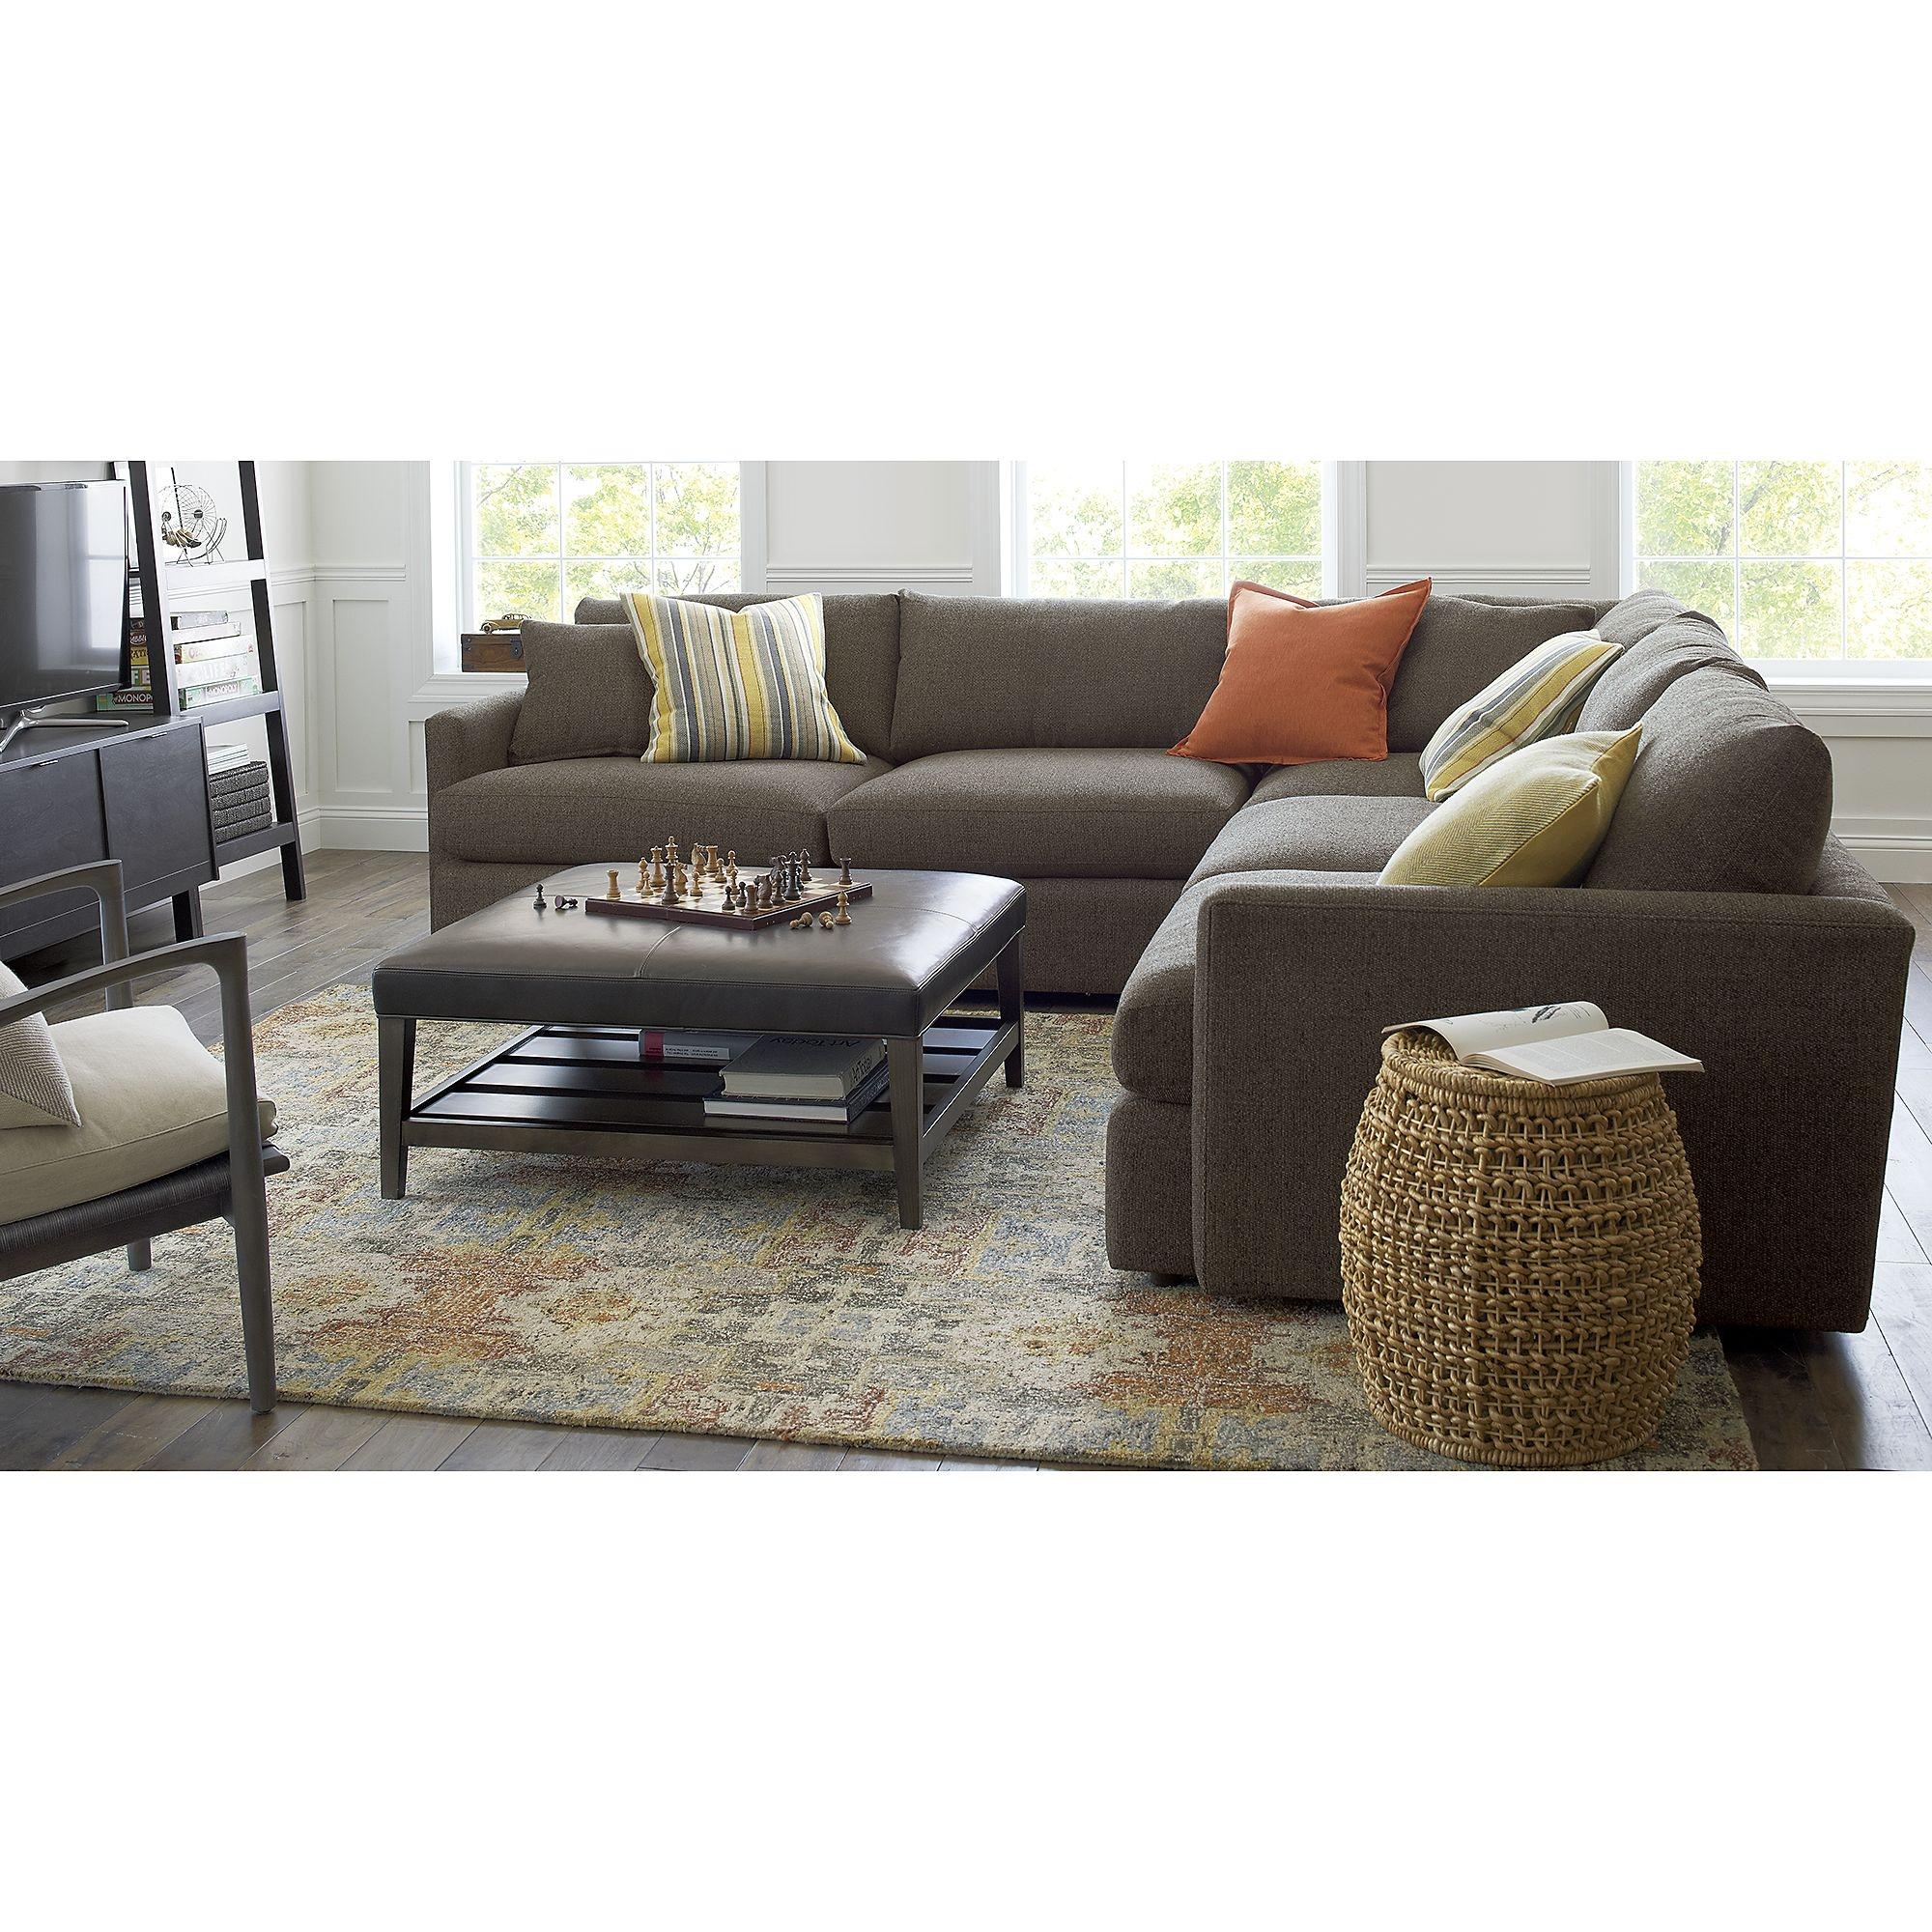 Alvarez Garden Wool Blend 8×10 Rug Crate And Barrel Gardens Regarding Crate And Barrel Sectional Sofas (View 13 of 15)